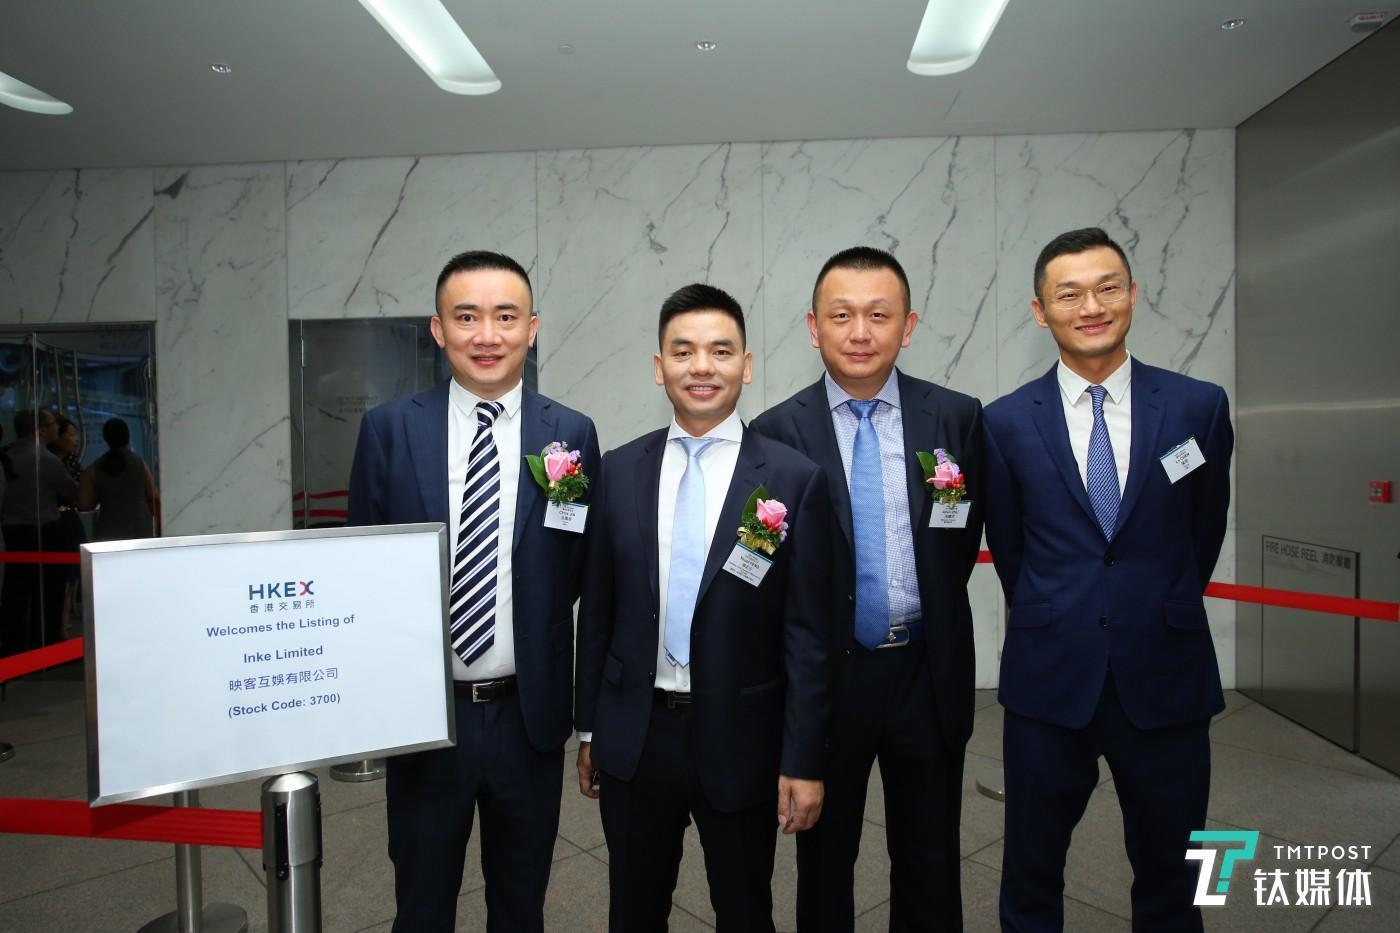 映客早期投资人、金沙江创投合伙人朱啸虎(右二)出席映客挂牌仪式